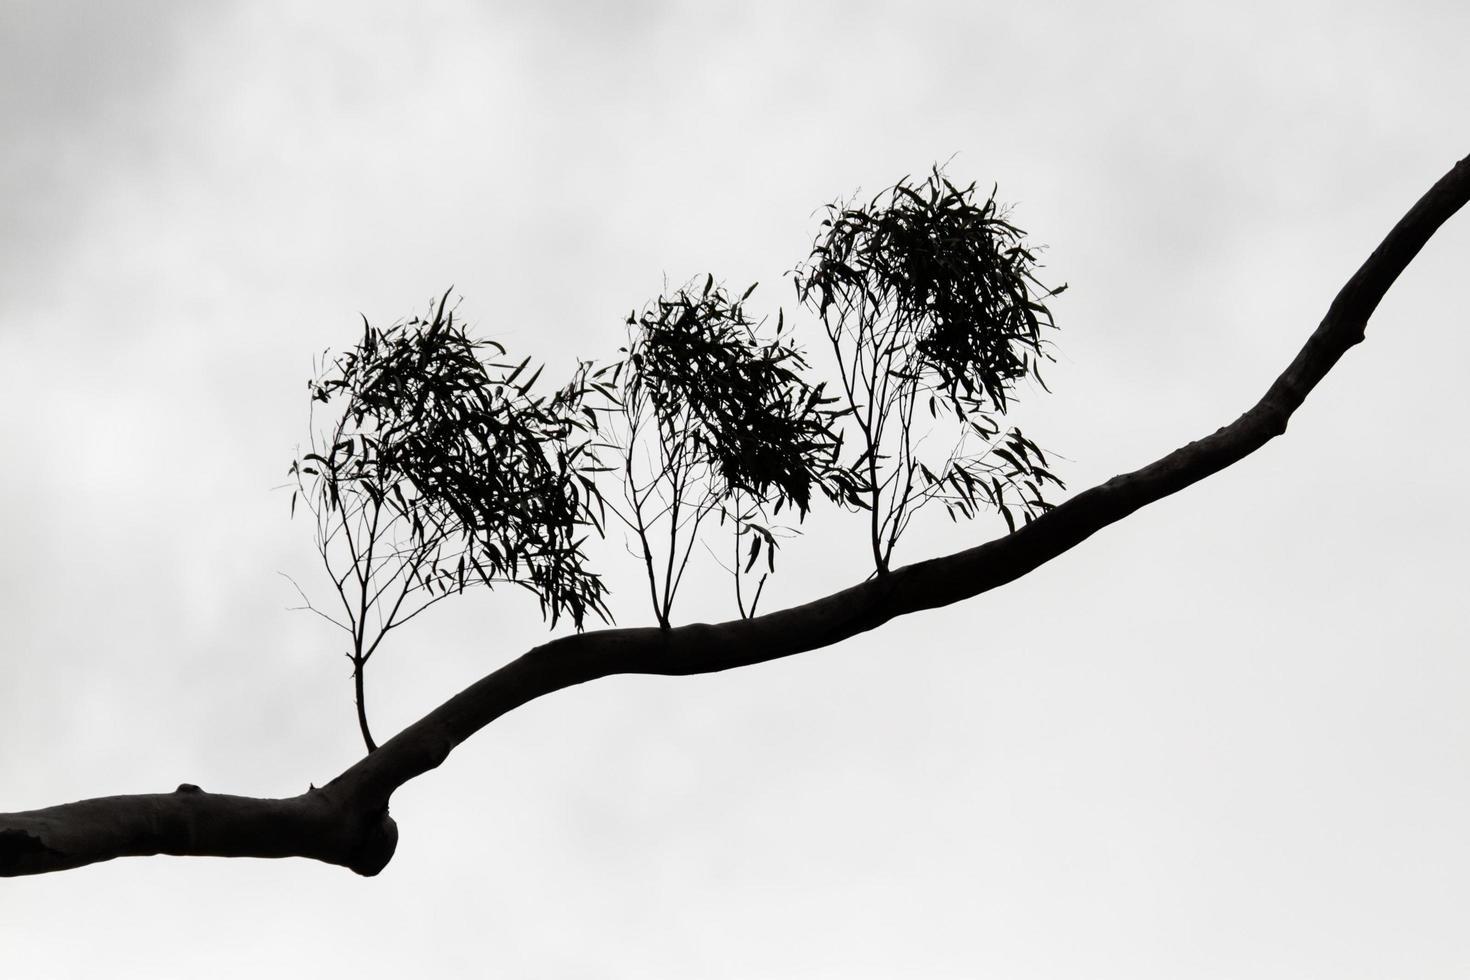 blanco y negro de la silueta de la rama de un árbol foto